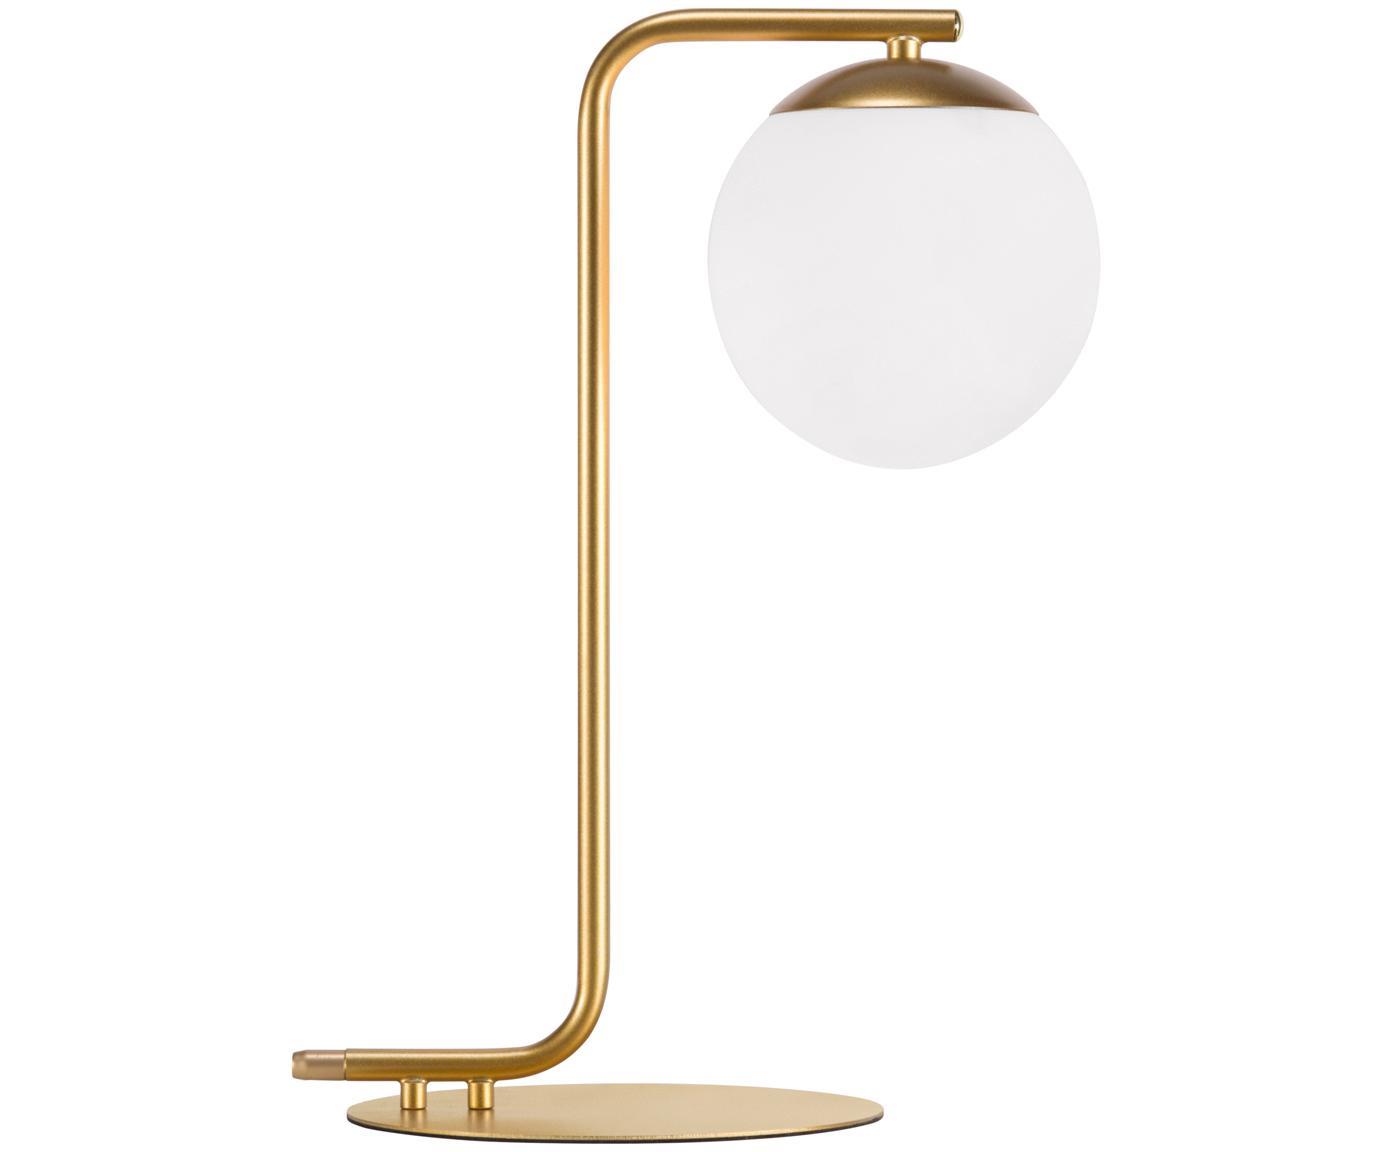 Lampada da tavolo in ottone Grant, Base della lampada: ottone, Paralume: vetro opalino, Ottone, bianco, Larg. 20 x Alt. 41 cm